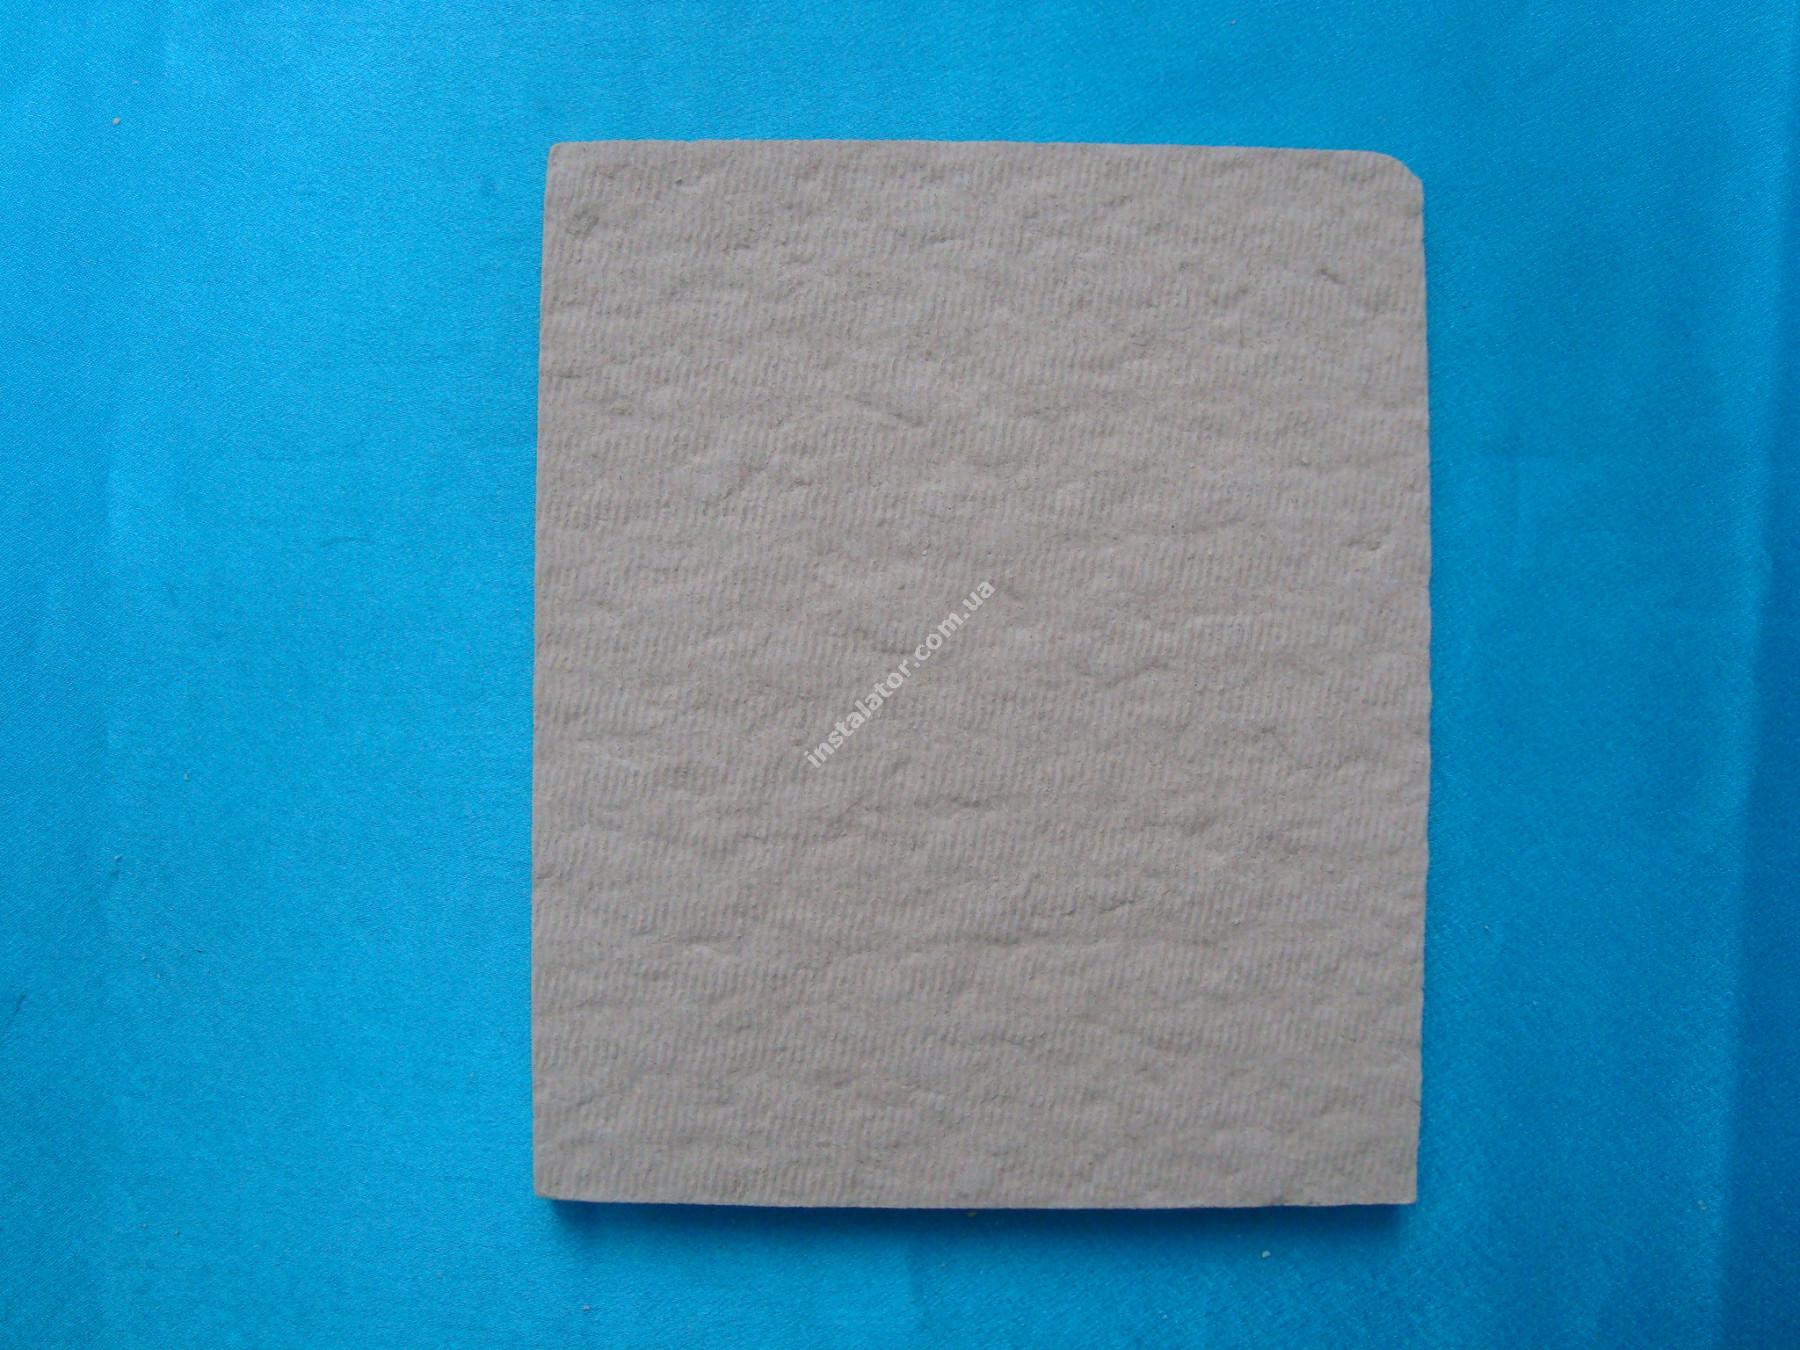 995951 Изоляция камеры сгорания боковая панель Аристон full-image-1